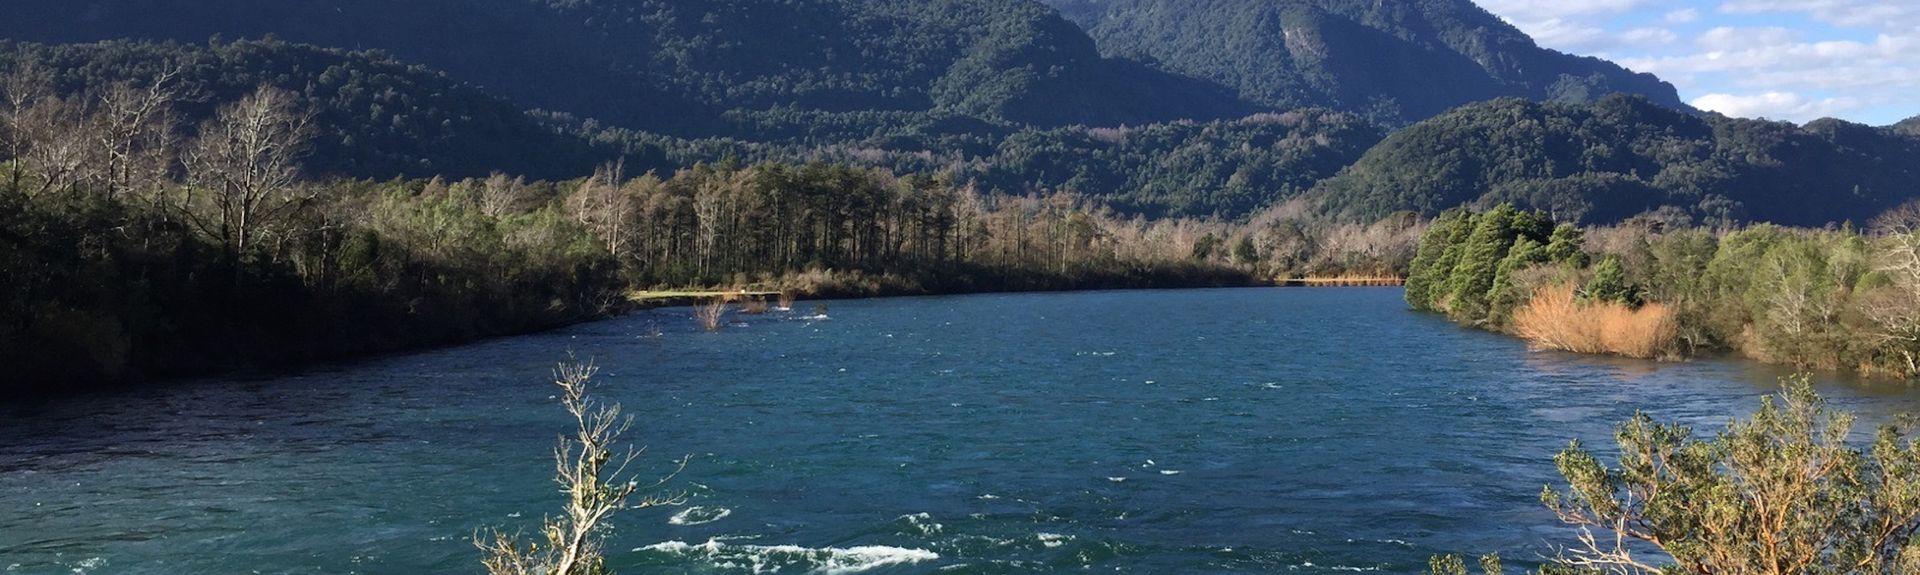 Lago Ranco, Los Ríos, Chile